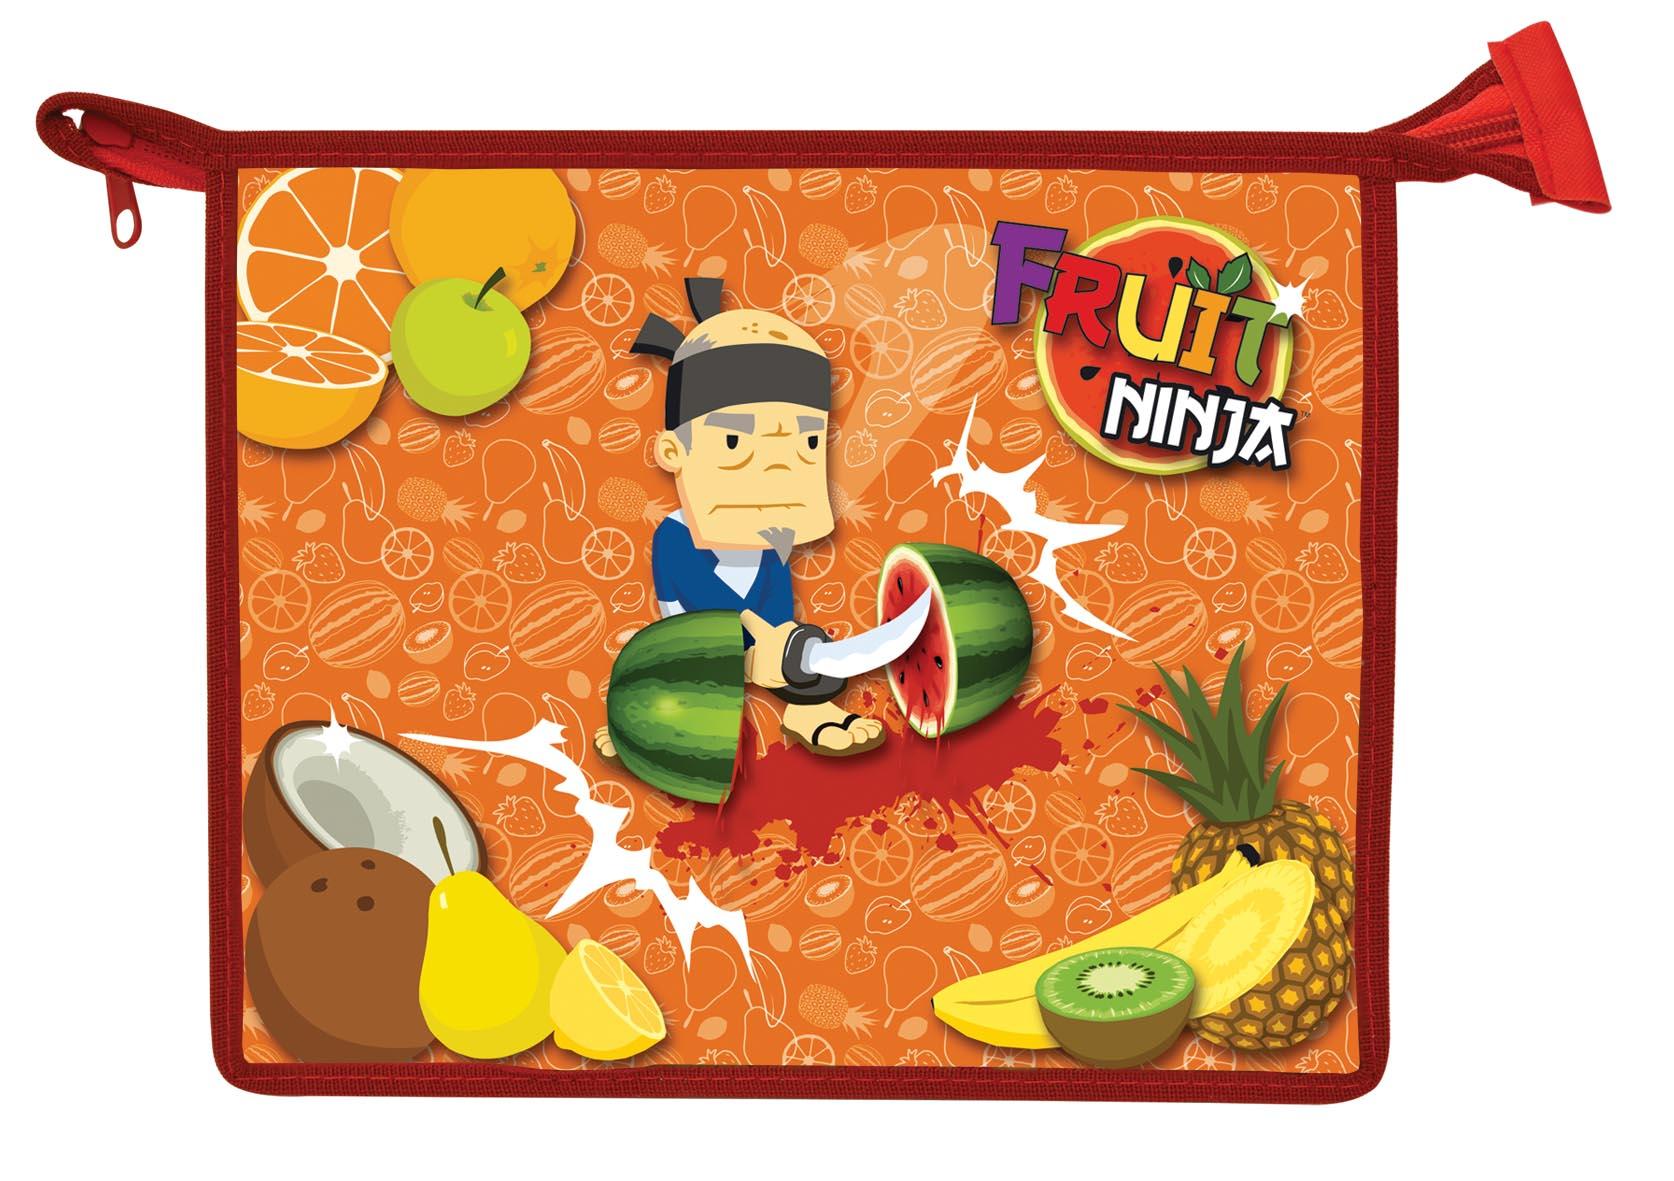 Папка для тетрадей Action! Fruit Ninja, на молнии. Формат A5AC-1121RDПапка Action! Fruit Ninja предназначена для хранения тетрадей, рисунков и прочих бумаг с максимальным форматом А5. Папка выполнена из прочного материала и содержит одно отделение. Закрывается она на застежку-молнию. Лицевая сторона папки оформлена ярким рисунком.С папкой Action! Fruit Ninja тетради вашего ребенка всегда будут выглядеть опрятно.